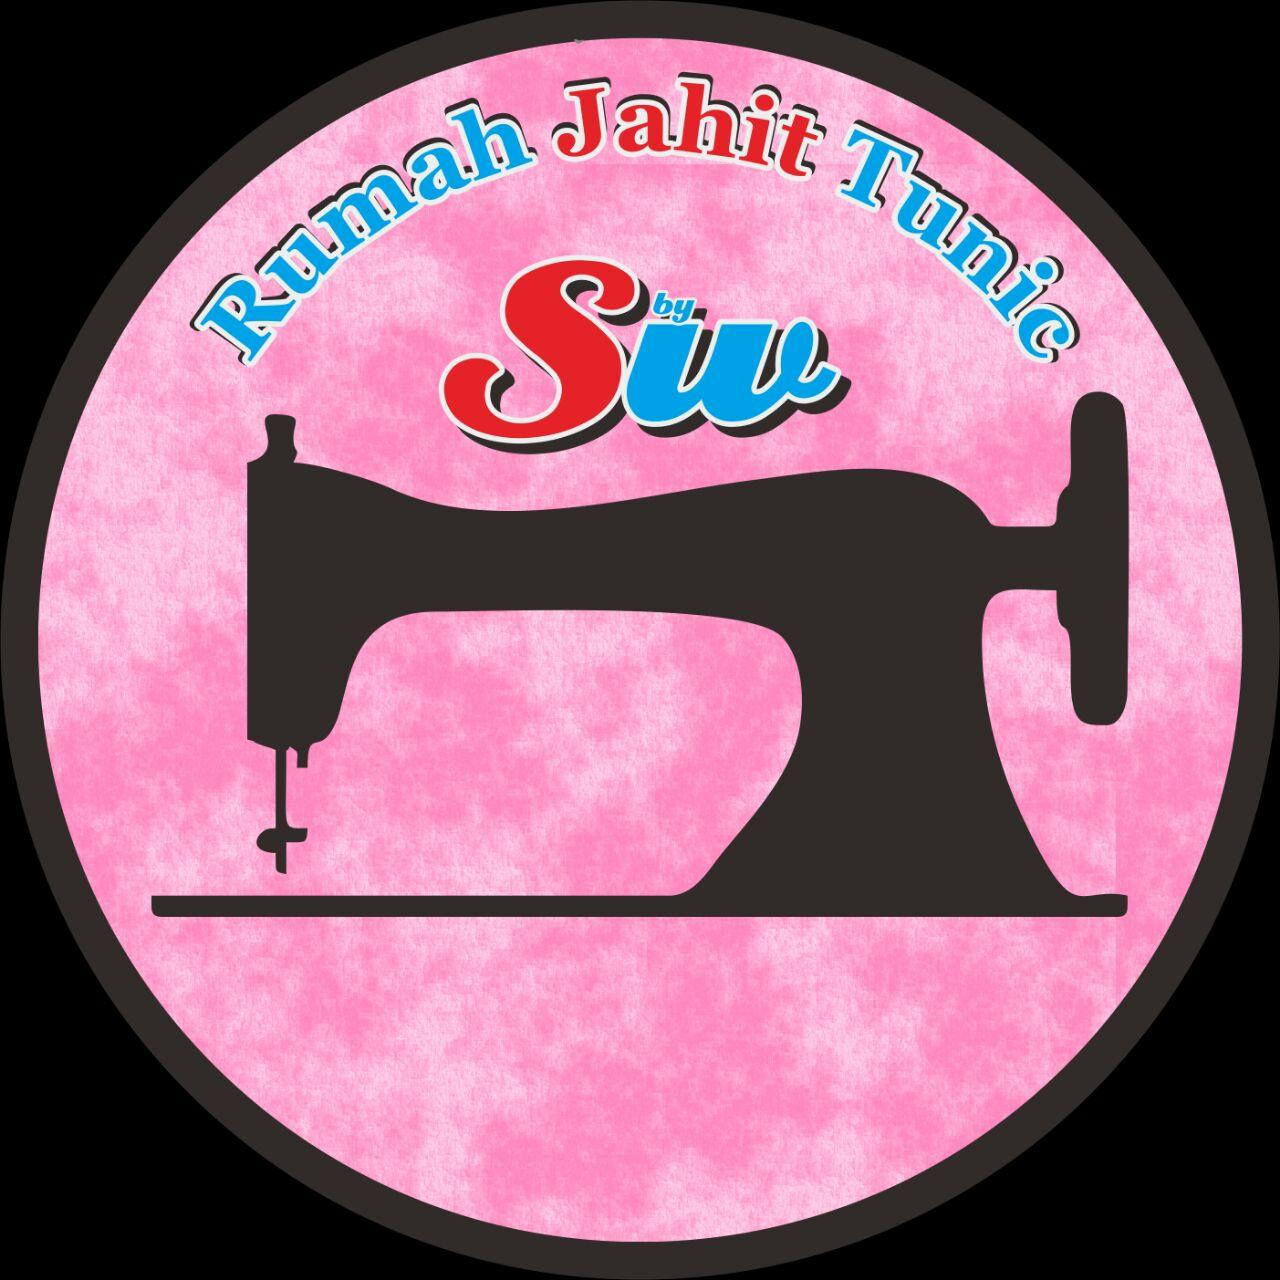 Contoh Spanduk Usaha Jahit